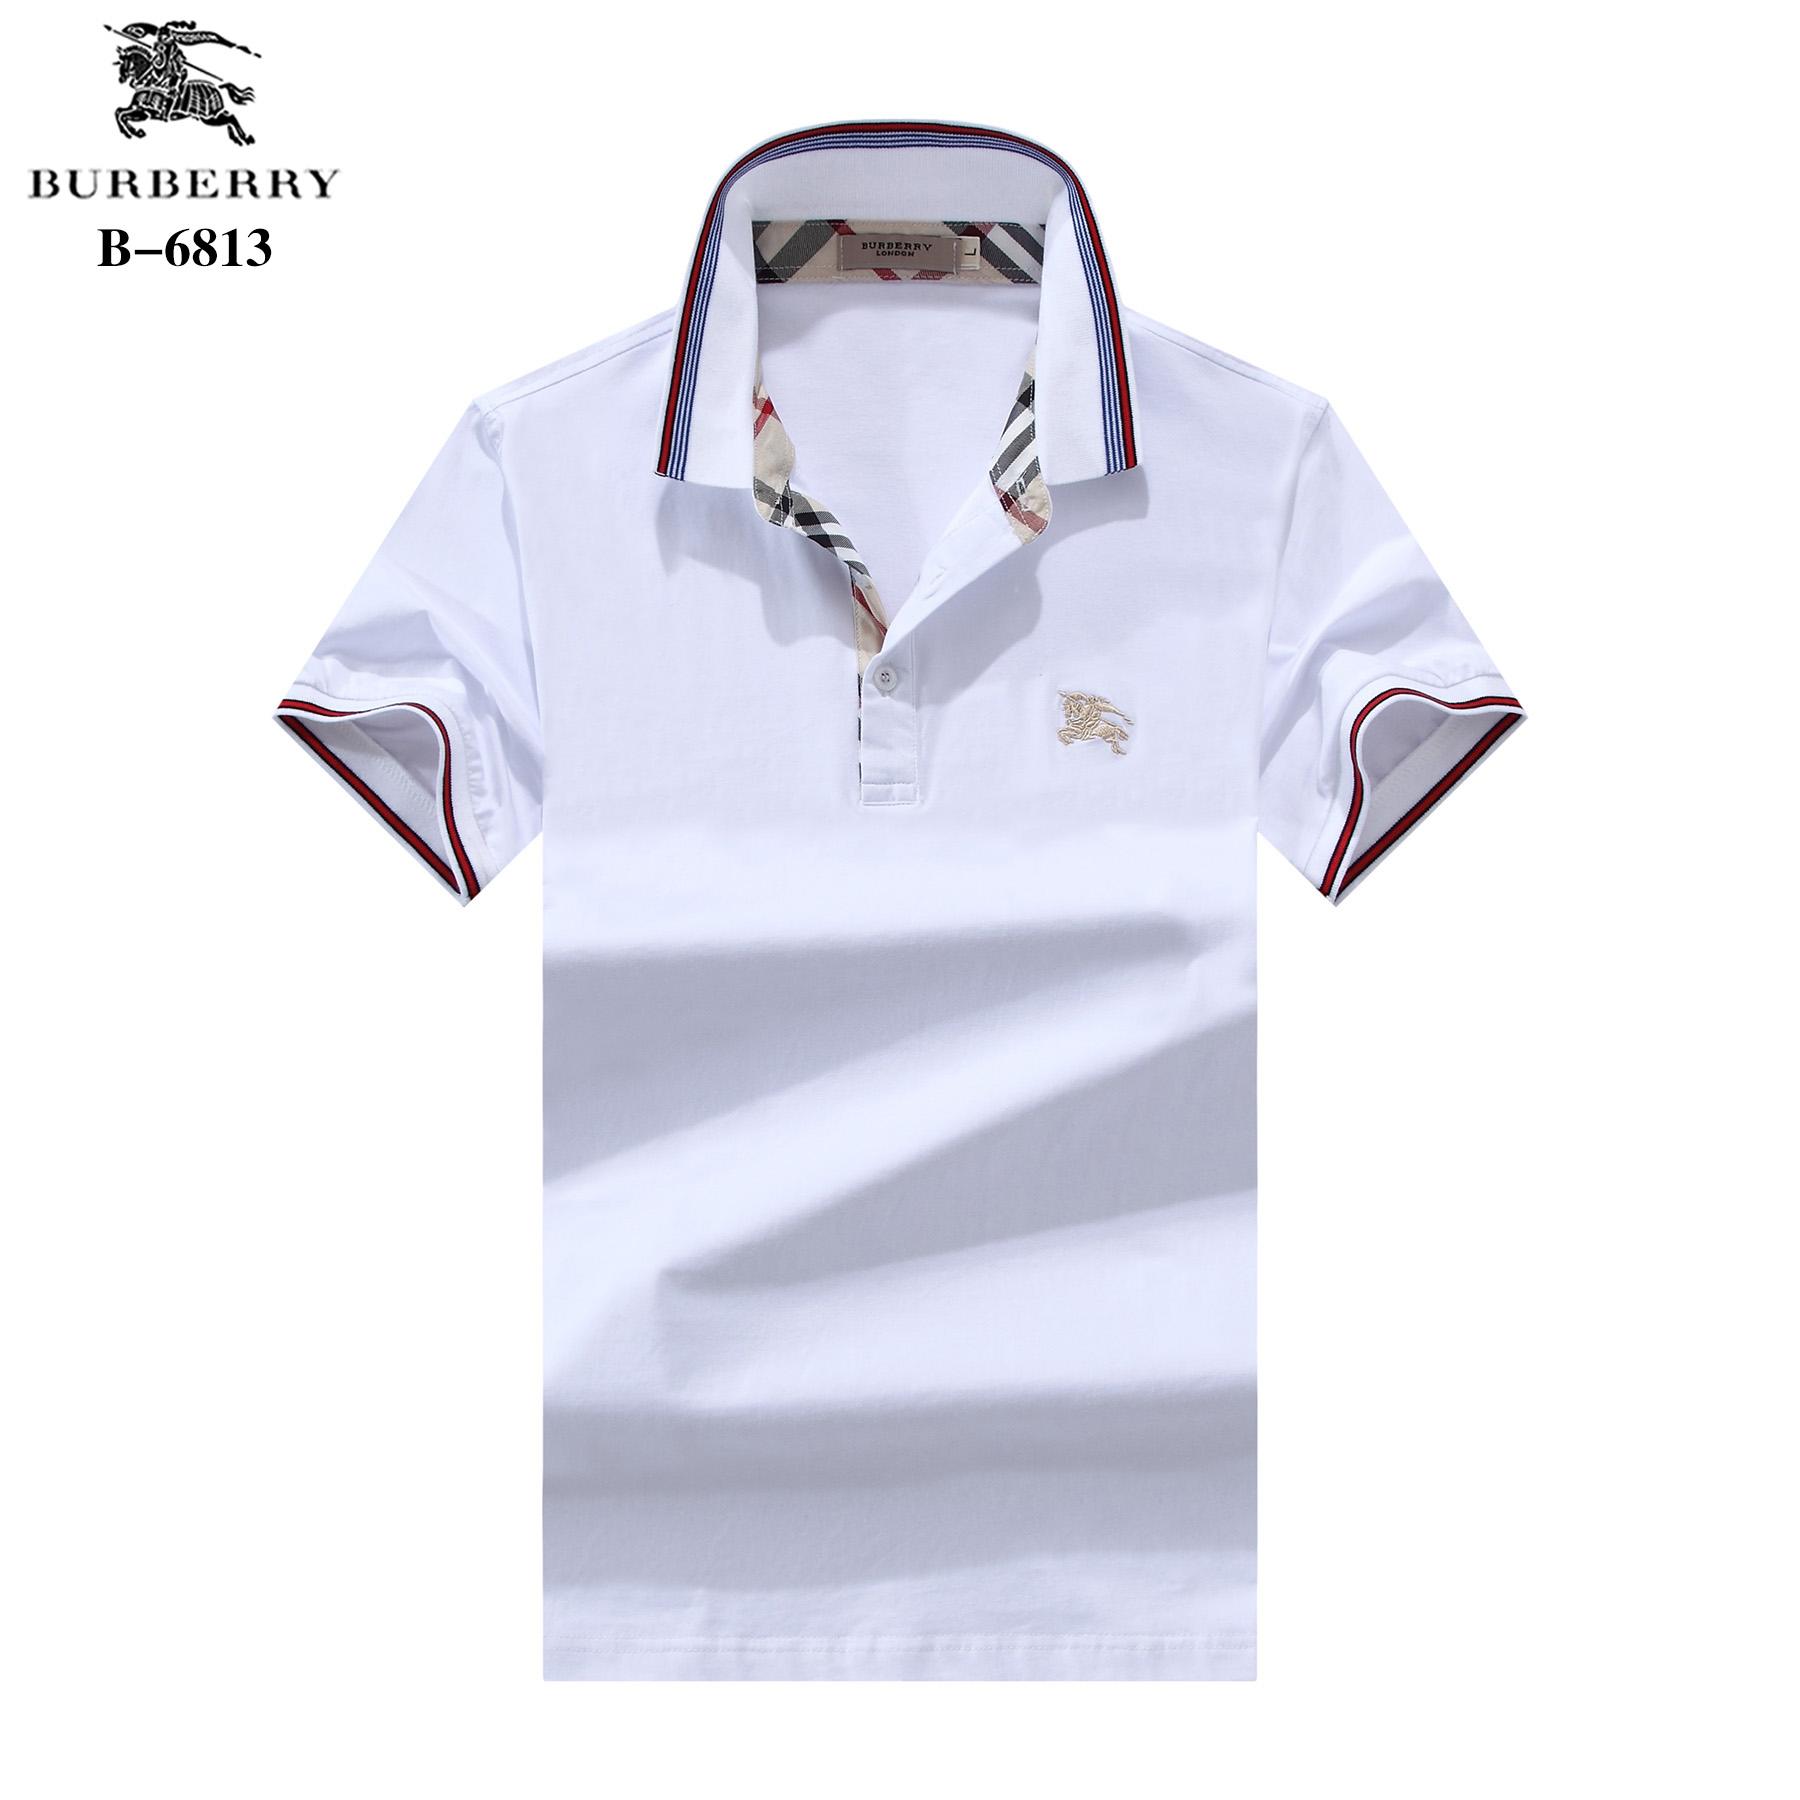 0f8c43ef2ad Acheter t shirt burberry pas cher homme original pas cher ici en ligne avec  le prix le plus bas possible. Remises spéciales sur les nouvelles offres  2018.